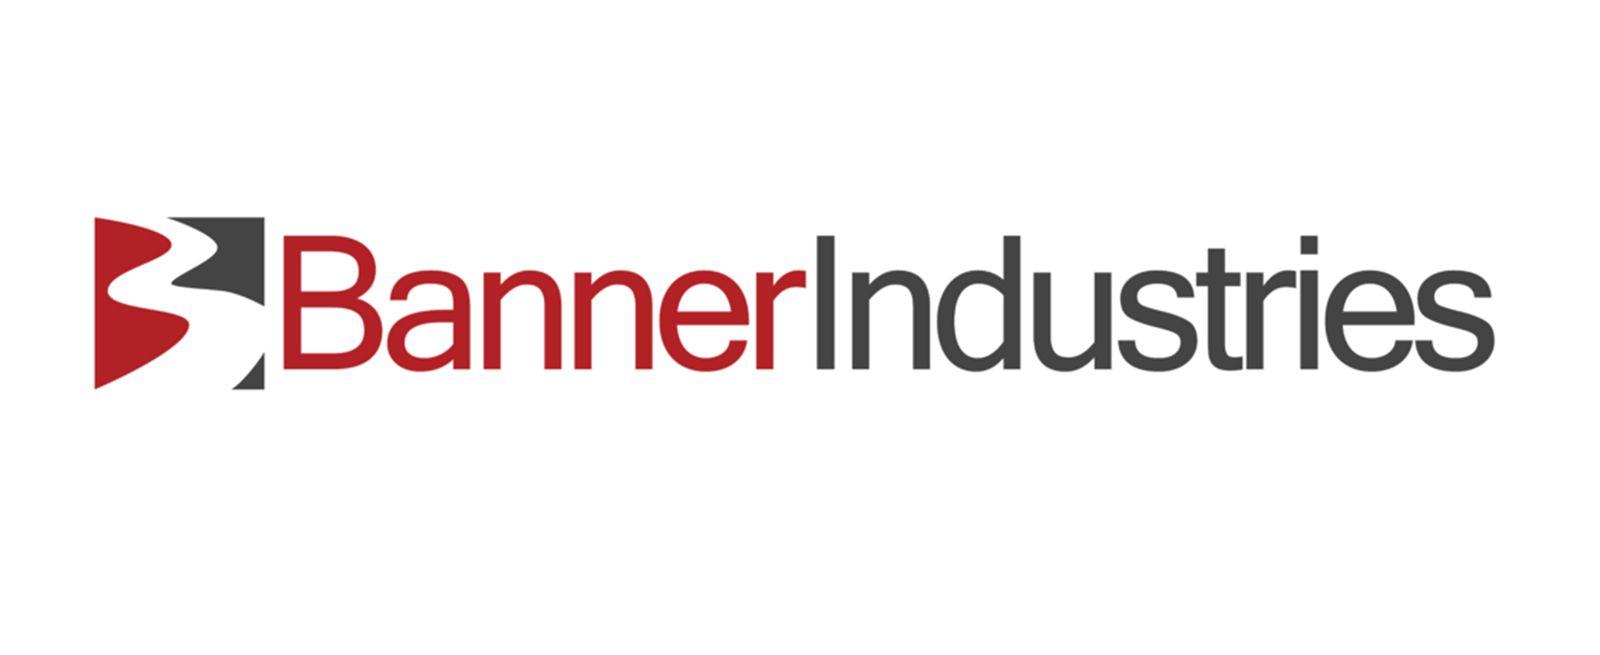 premiere-banner-industries-logo-half-height